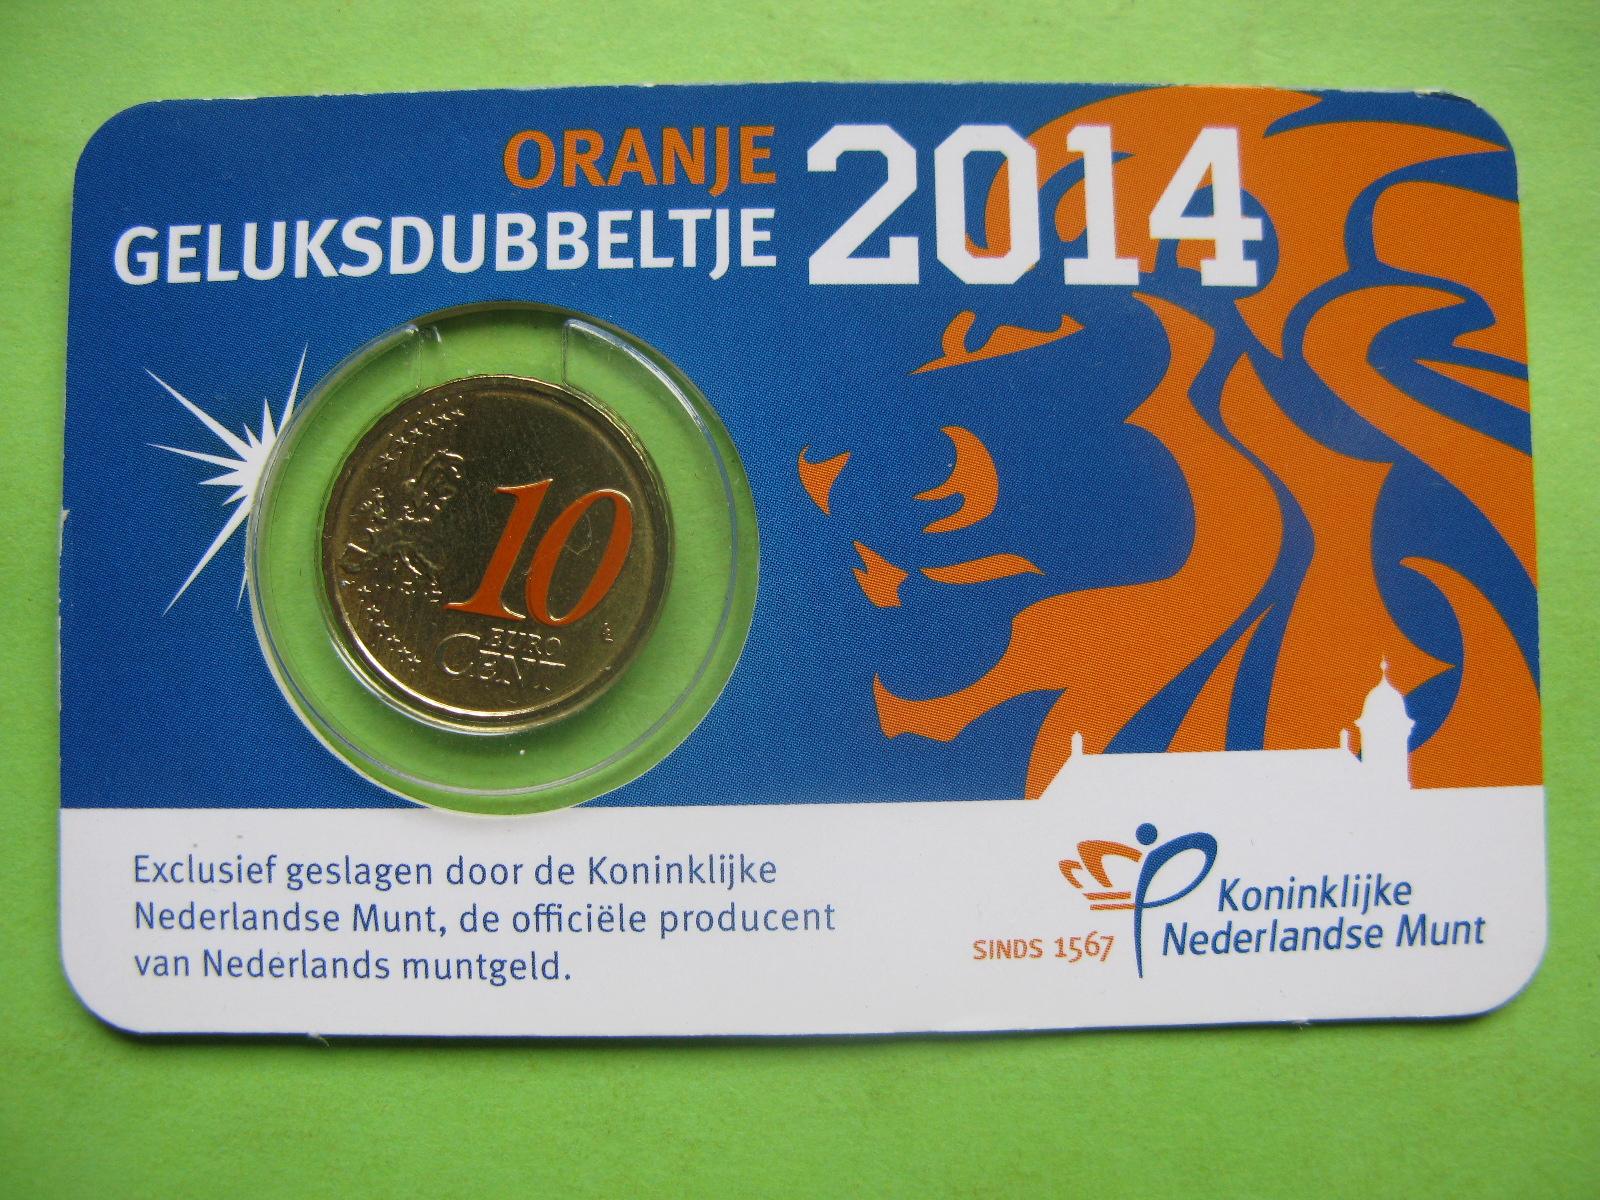 Нидерланды 10 евро центов 2014 г. в карточке.